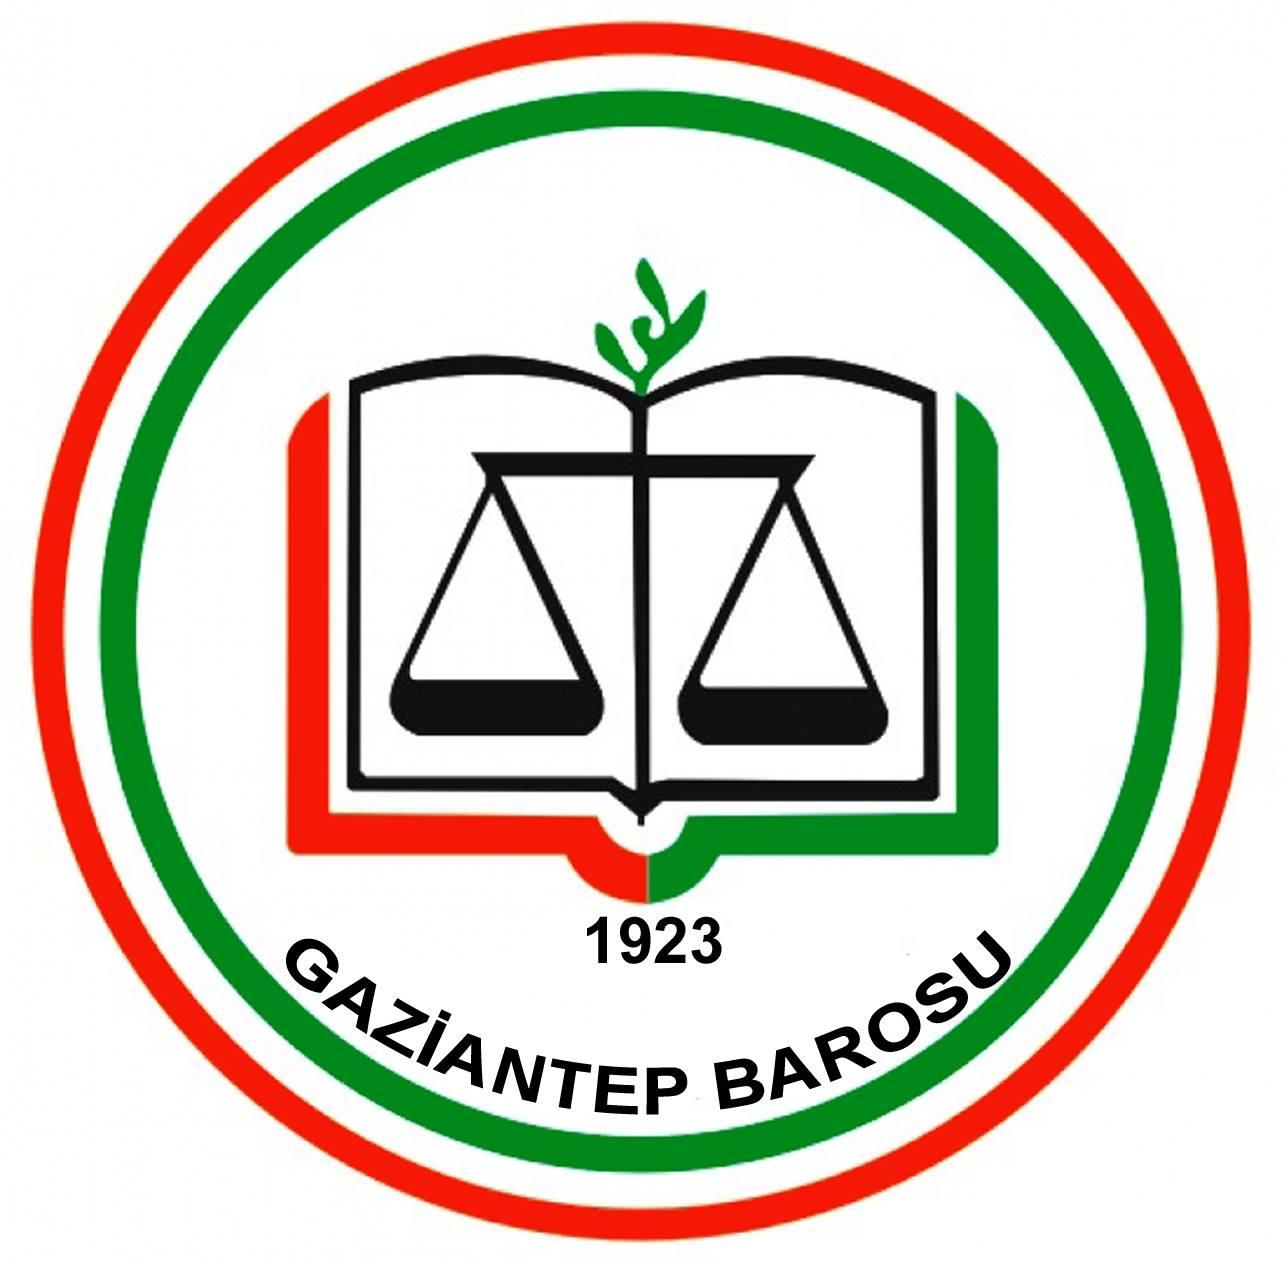 Gaziantep Barosu: İstanbul seçiminin iptali kara leke olarak kalacak